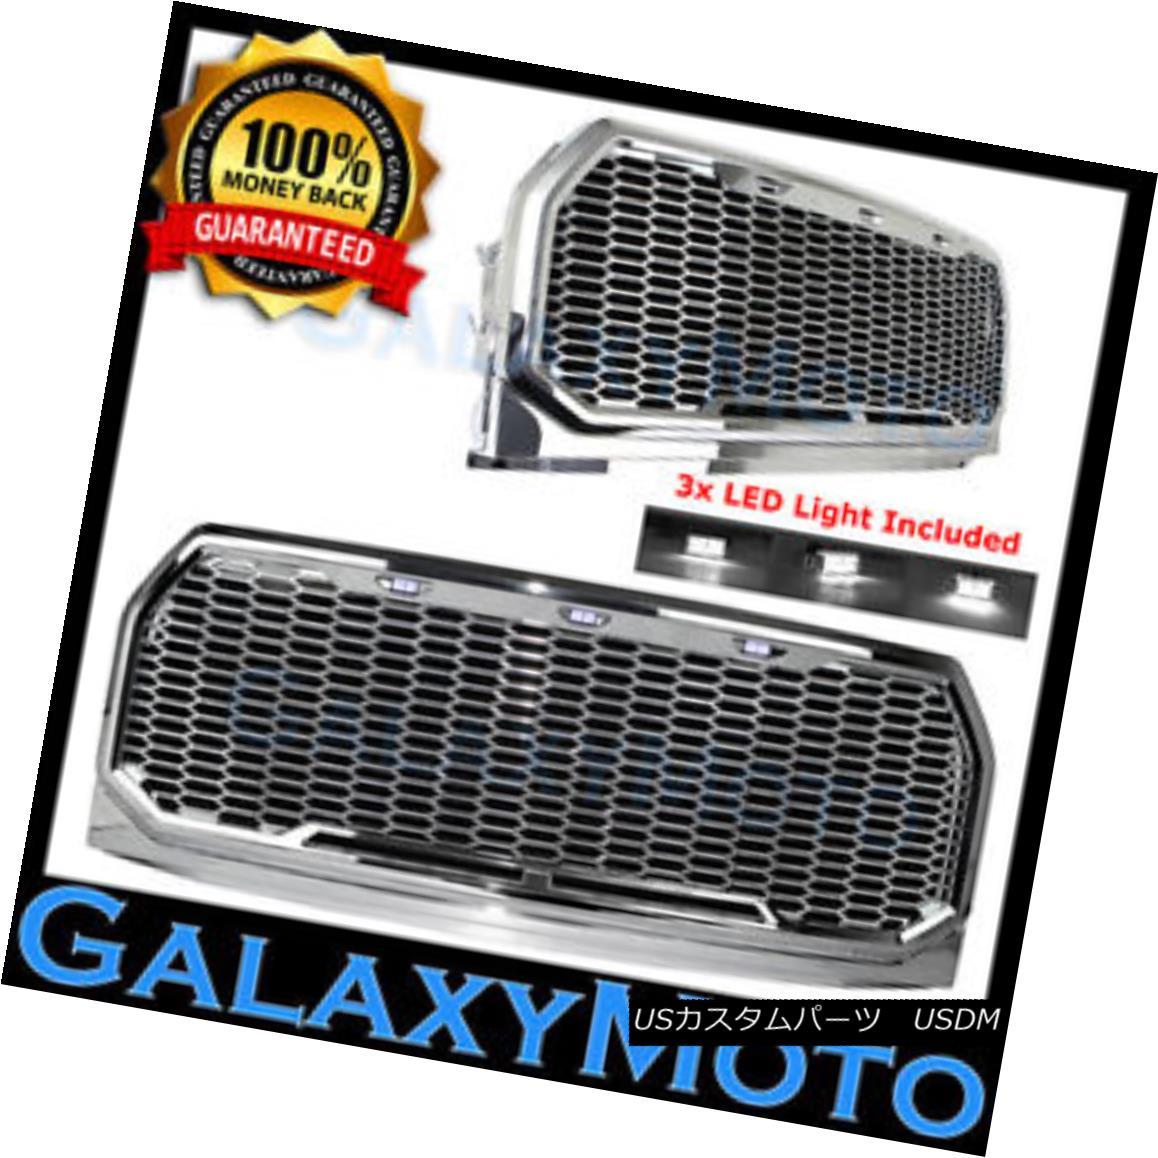 グリル 15-17 Ford F150 Raptor Chrome Front Hood Mesh Grille+Shell+White 3x LED Light 15-17フォードF150ラプタークロームフロントフードメッシュグリル+シェル+ W hite 3x LEDライト